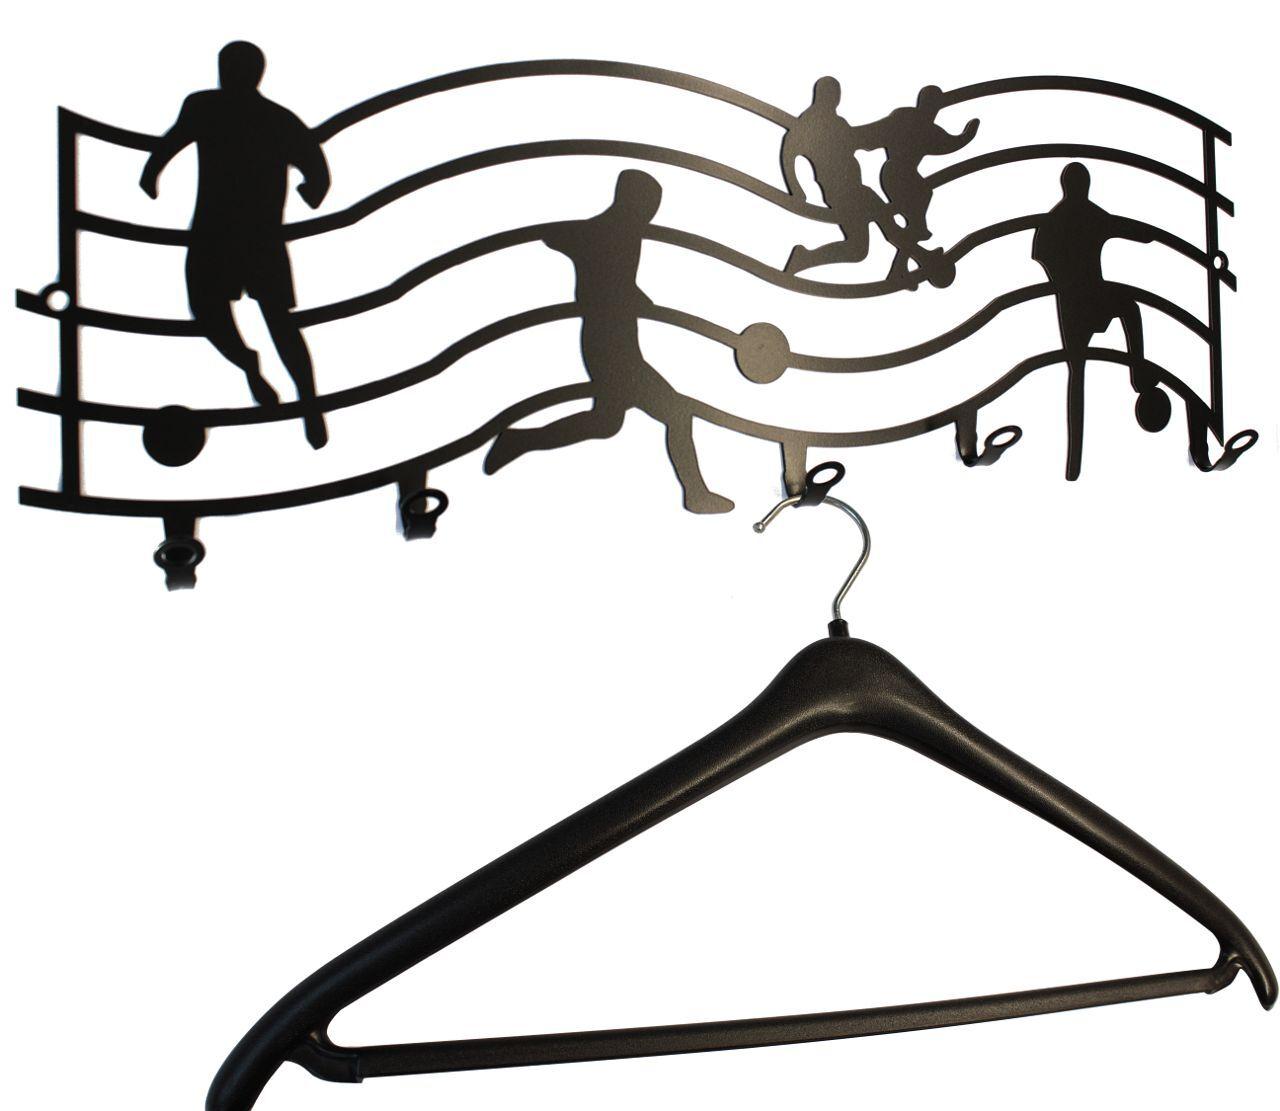 Wandgarderobe   Garderobe  Fussball Liga  - Garderobenhaken - Flurgarderobe | Lassen Sie unsere Produkte in die Welt gehen